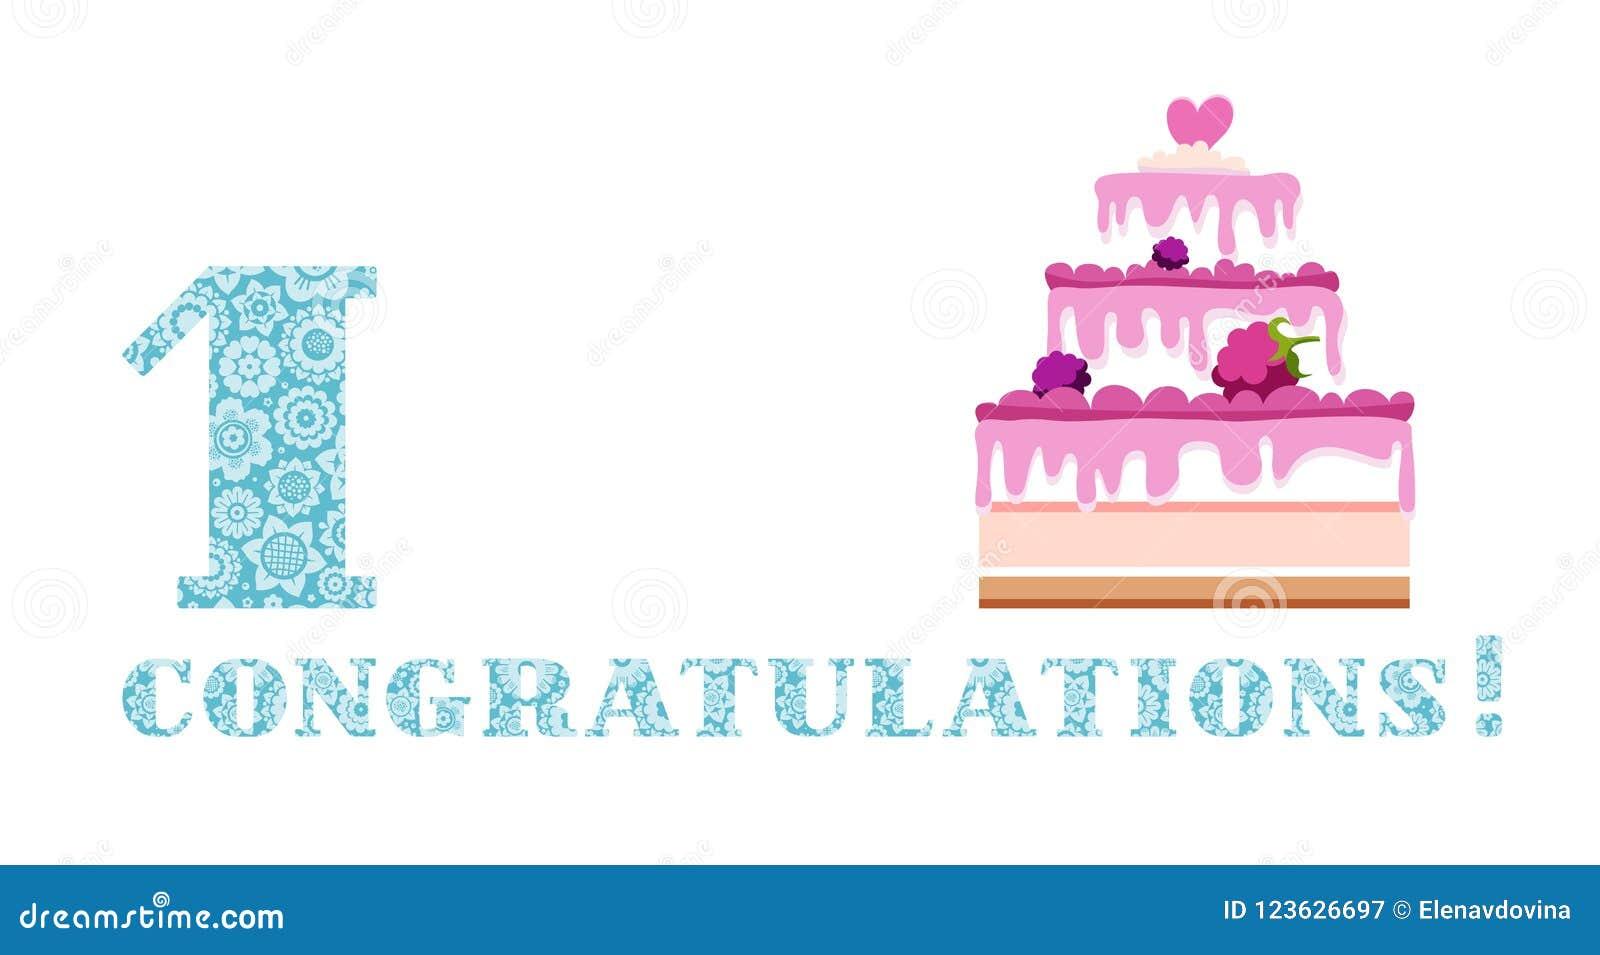 Anniversary Greetings 1 Year Berry Cake English White Blue